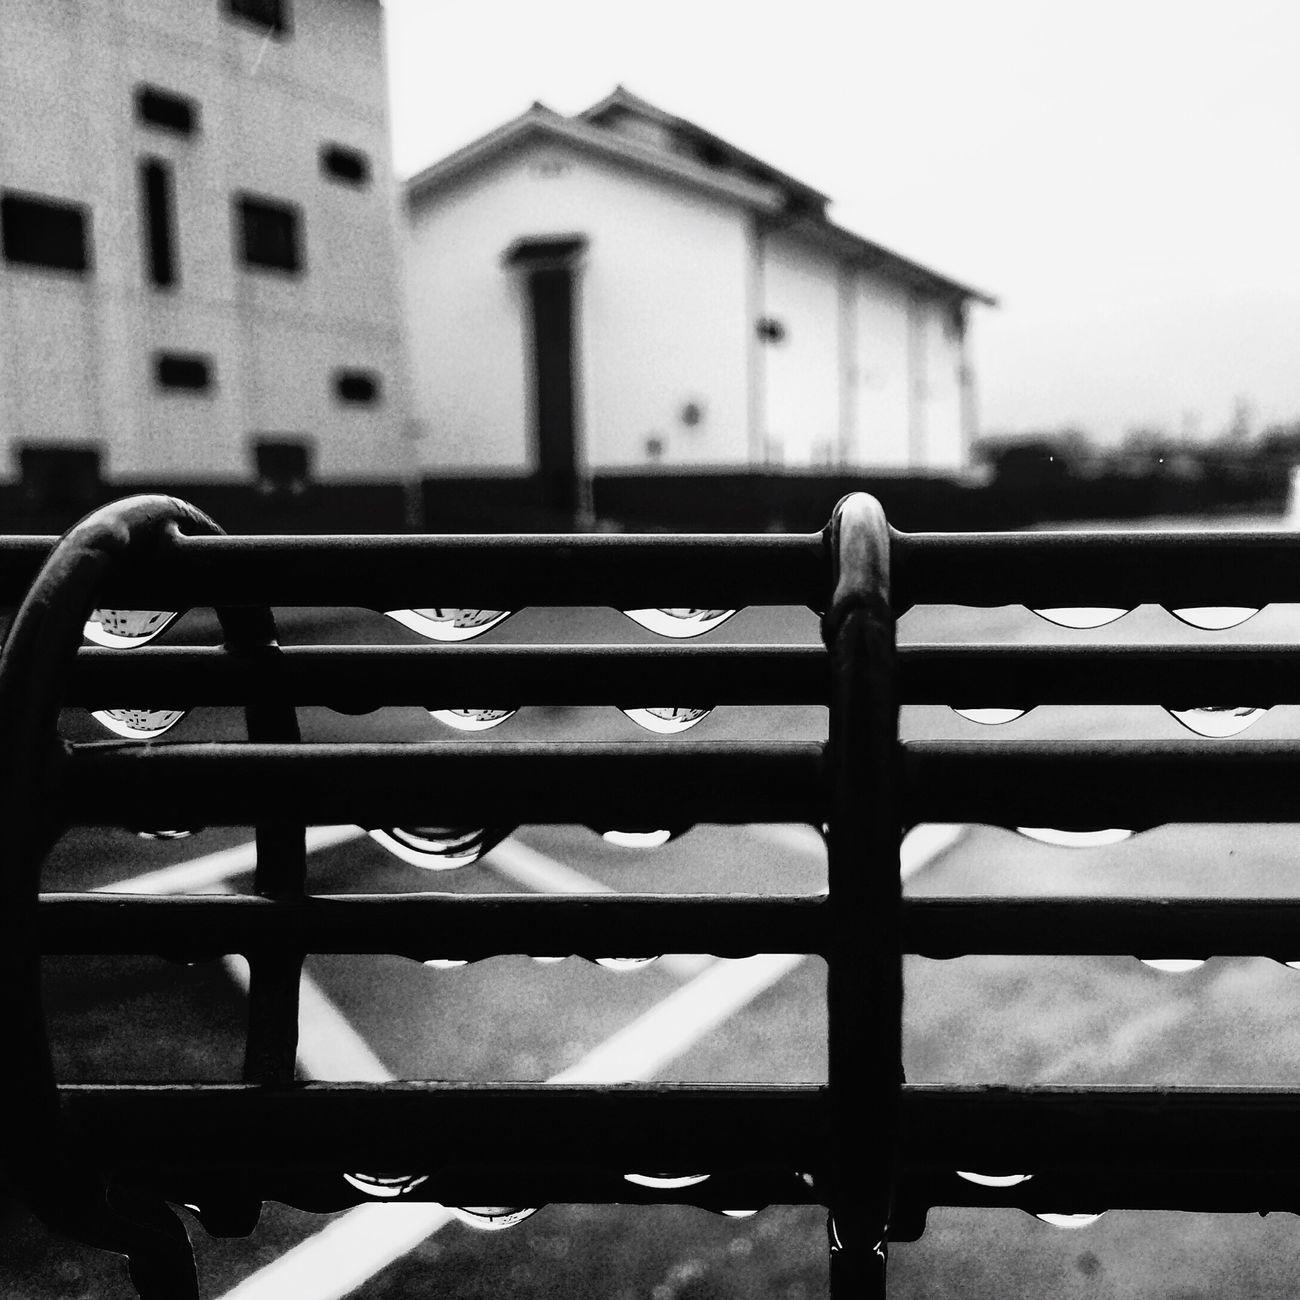 Waterdrops Black And White Rainy Day Blackandwhite